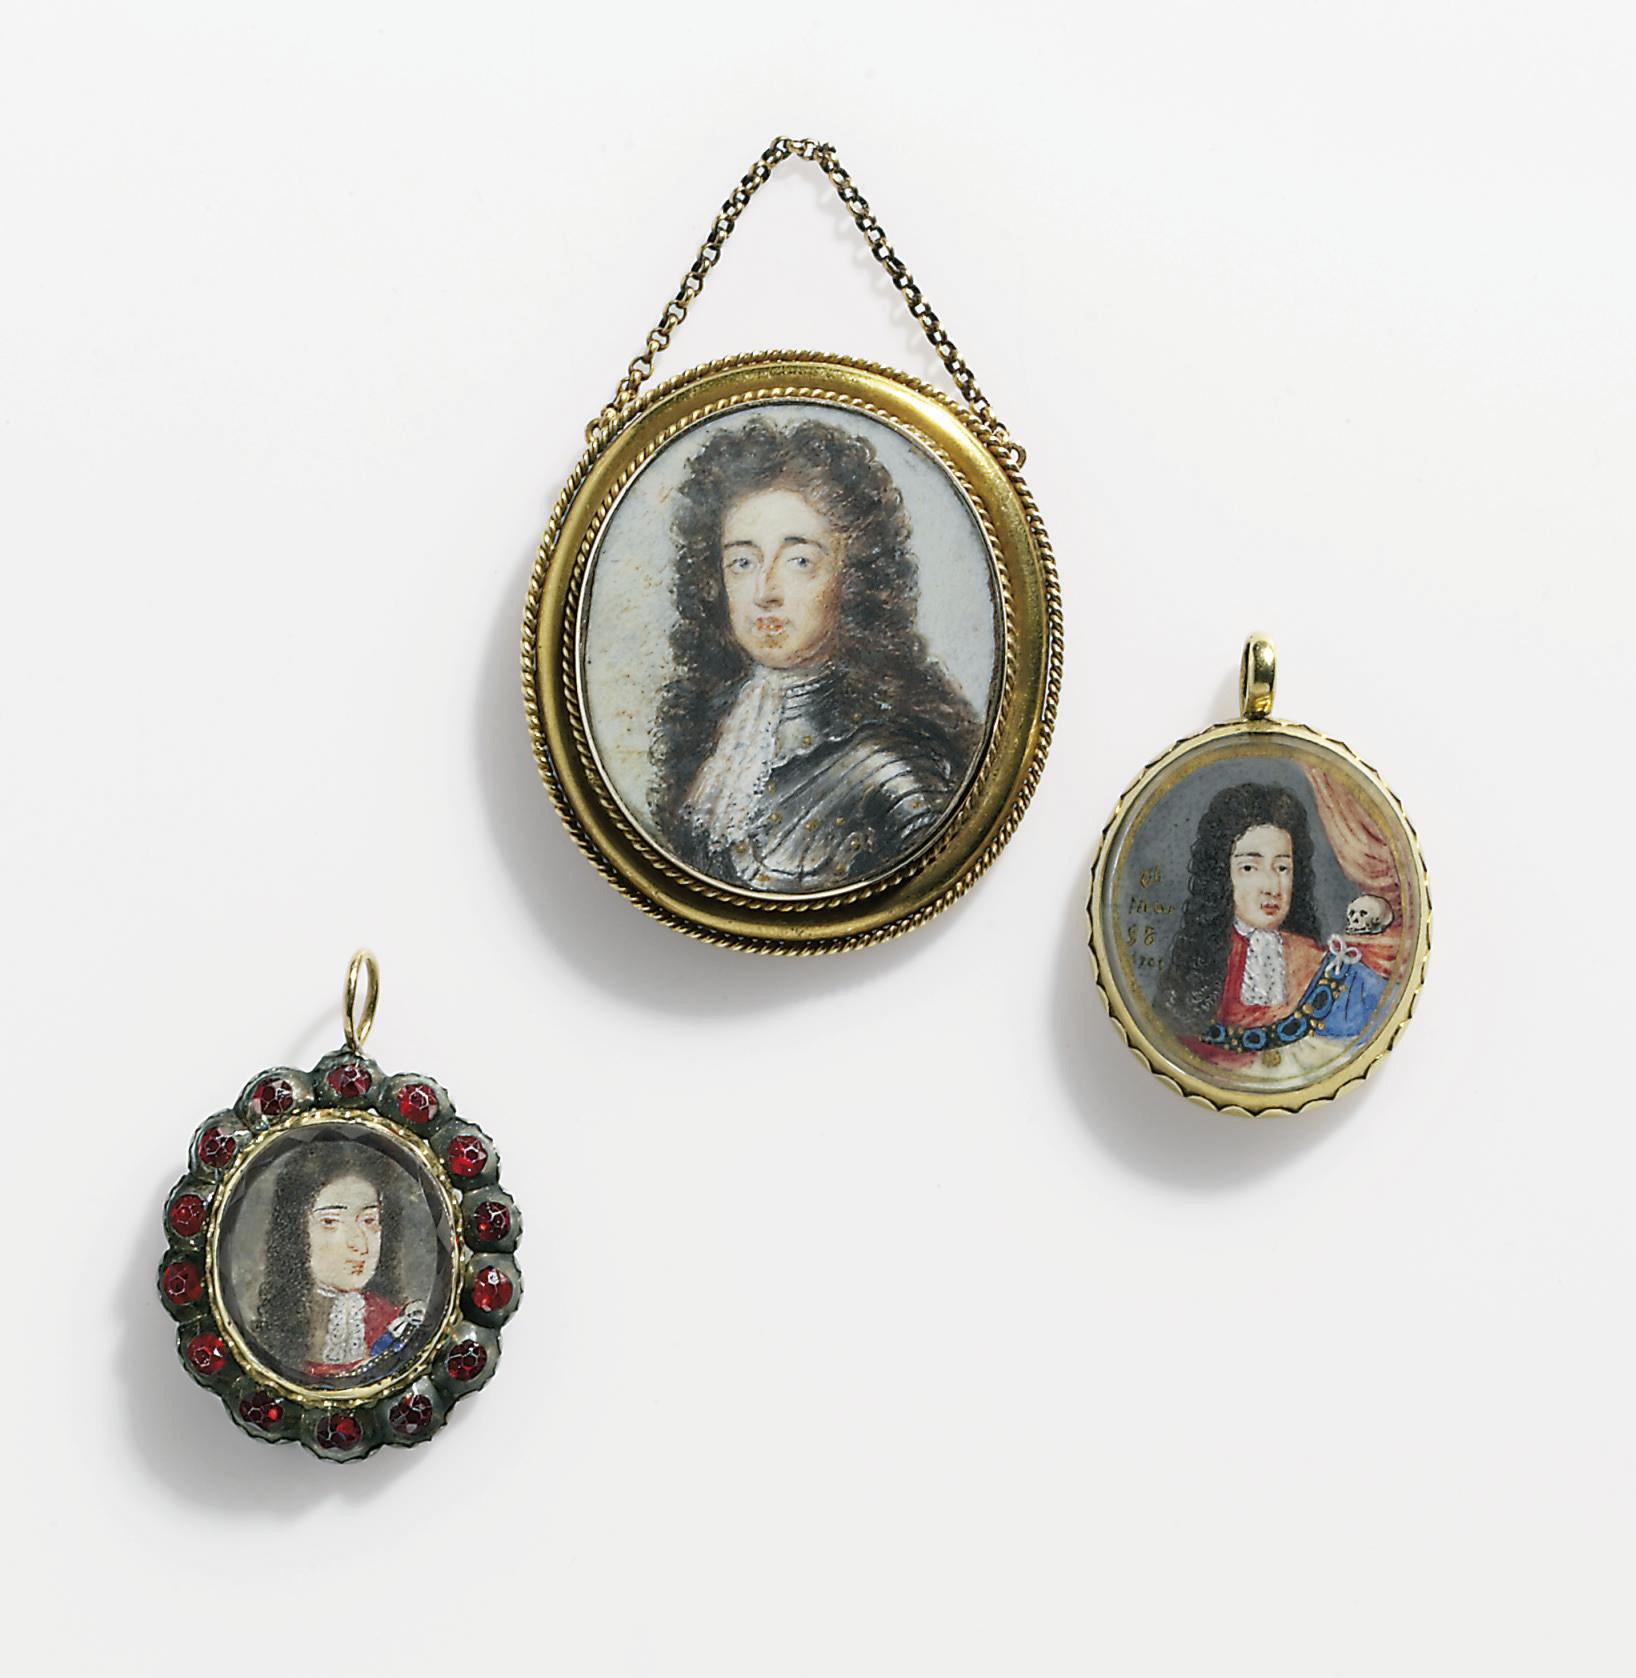 TWO WILLIAM III MEMORIAL PENDA